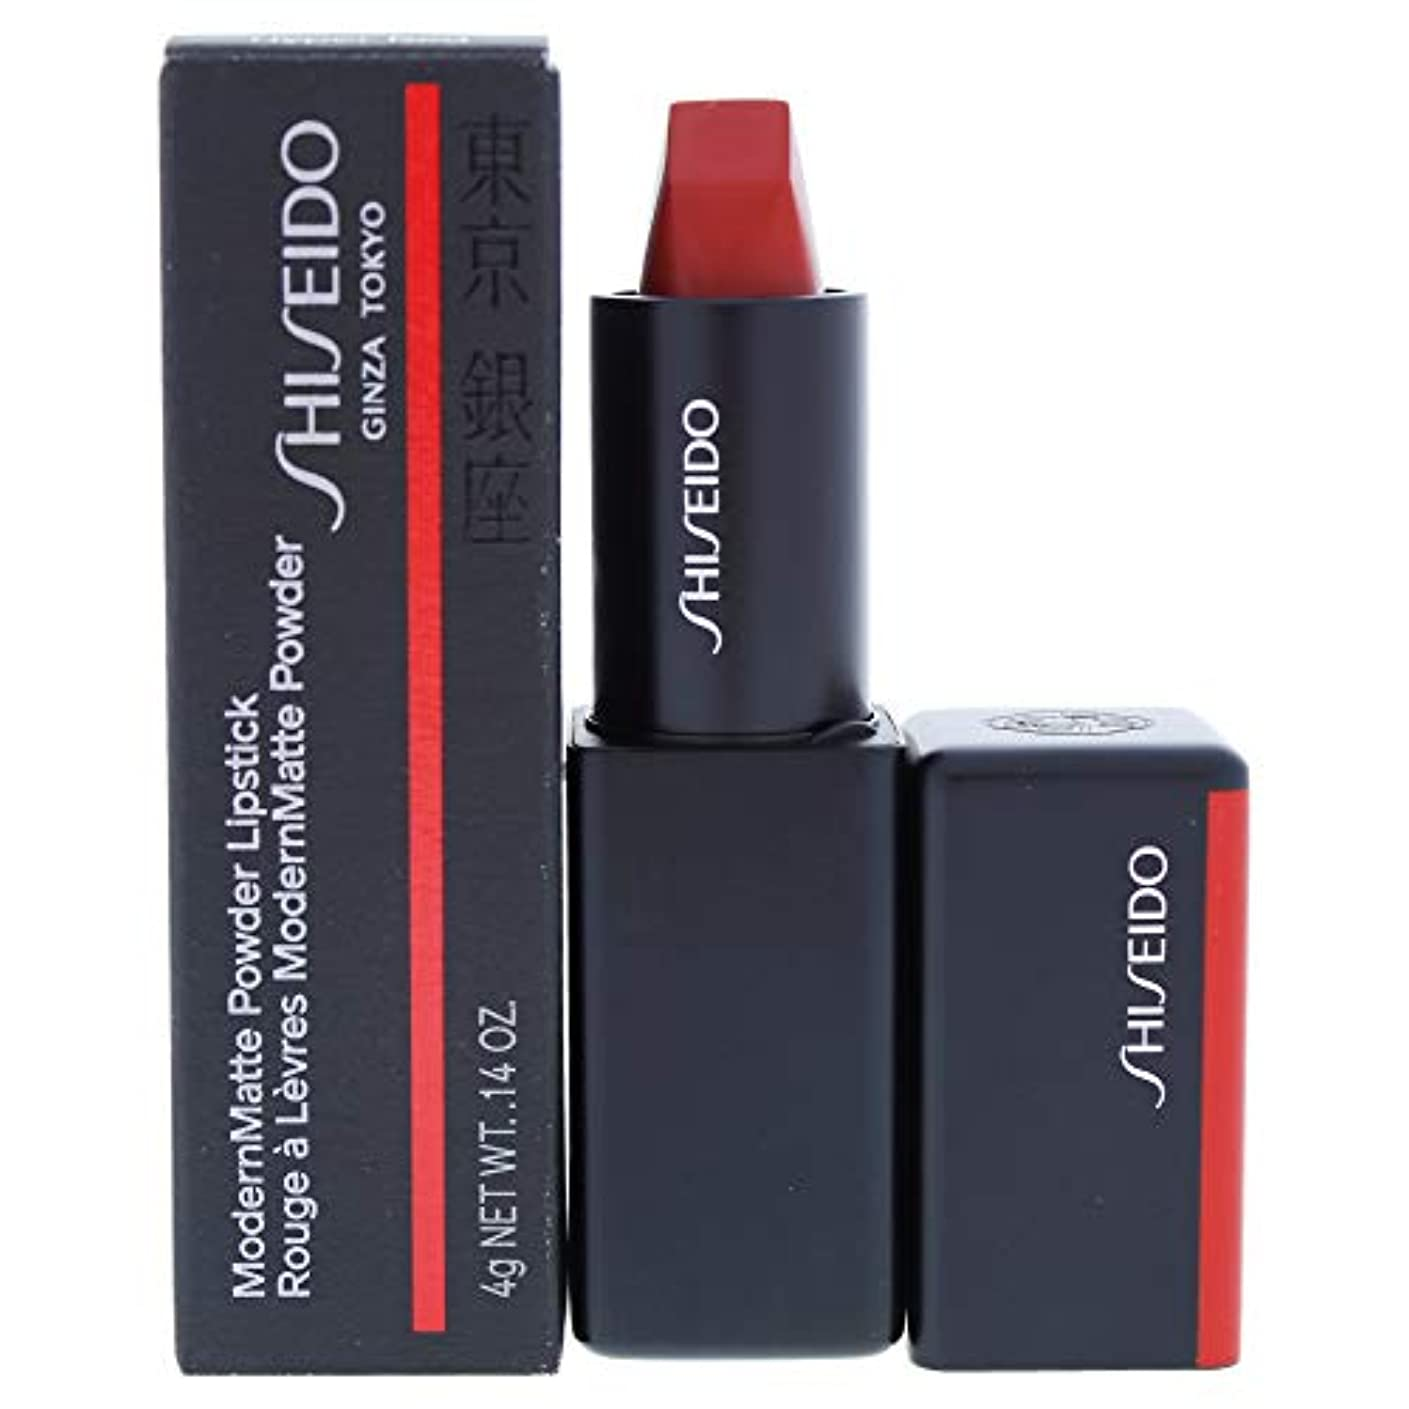 海外でおもしろいパネル資生堂 ModernMatte Powder Lipstick - # 514 Hyper Red (True Red) 4g/0.14oz並行輸入品